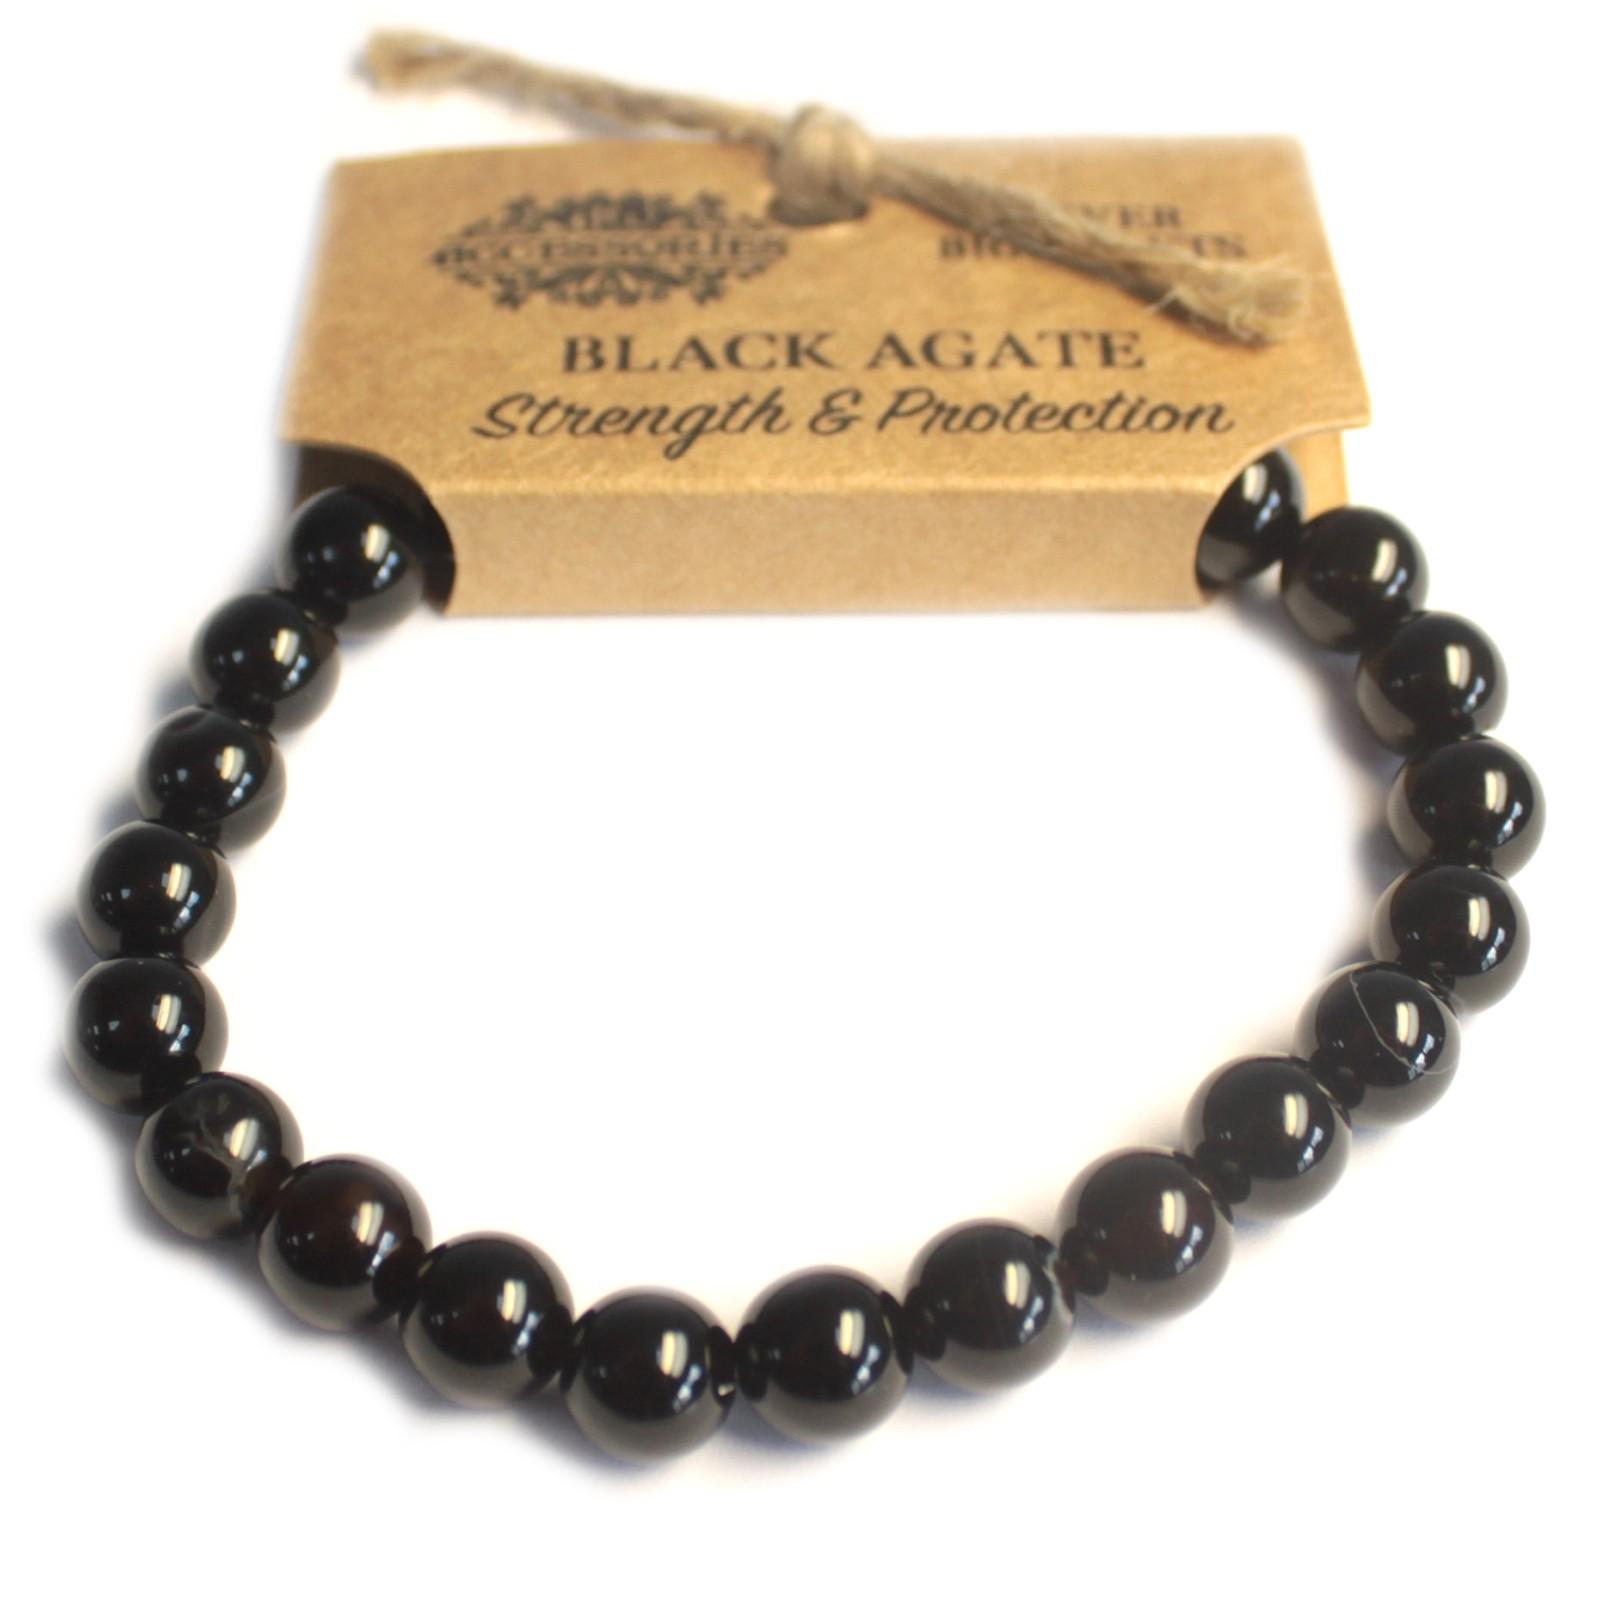 Power Bracelet Black Agate